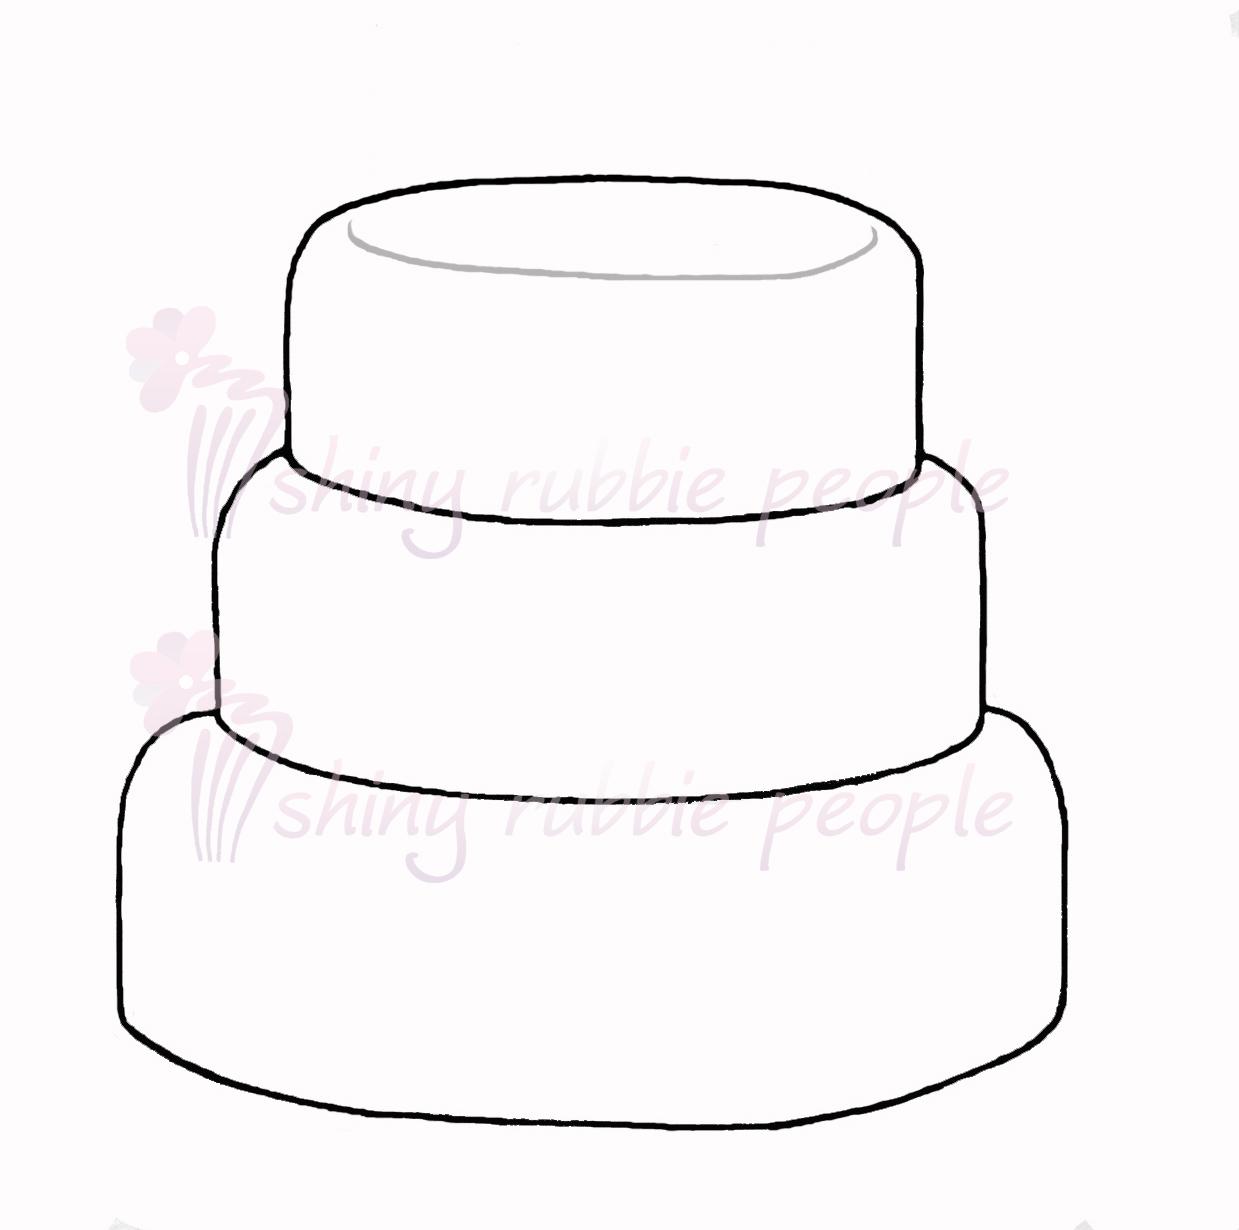 1239x1230 Layered Birthday Cake Clip Art